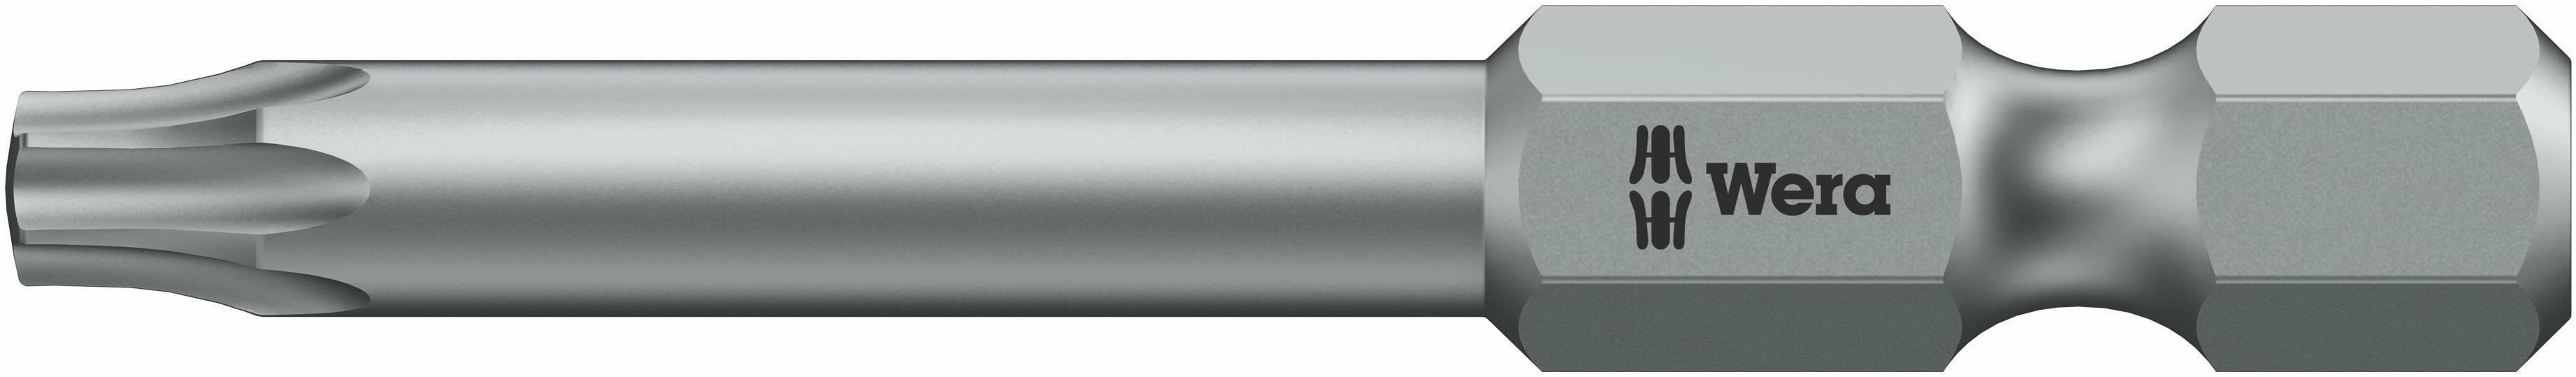 Bit Torx Wera 867/4 Z TORX® BO 15 X 89 MM 05060051001, 89 mm, nástrojová oceľ, legované, 1 ks